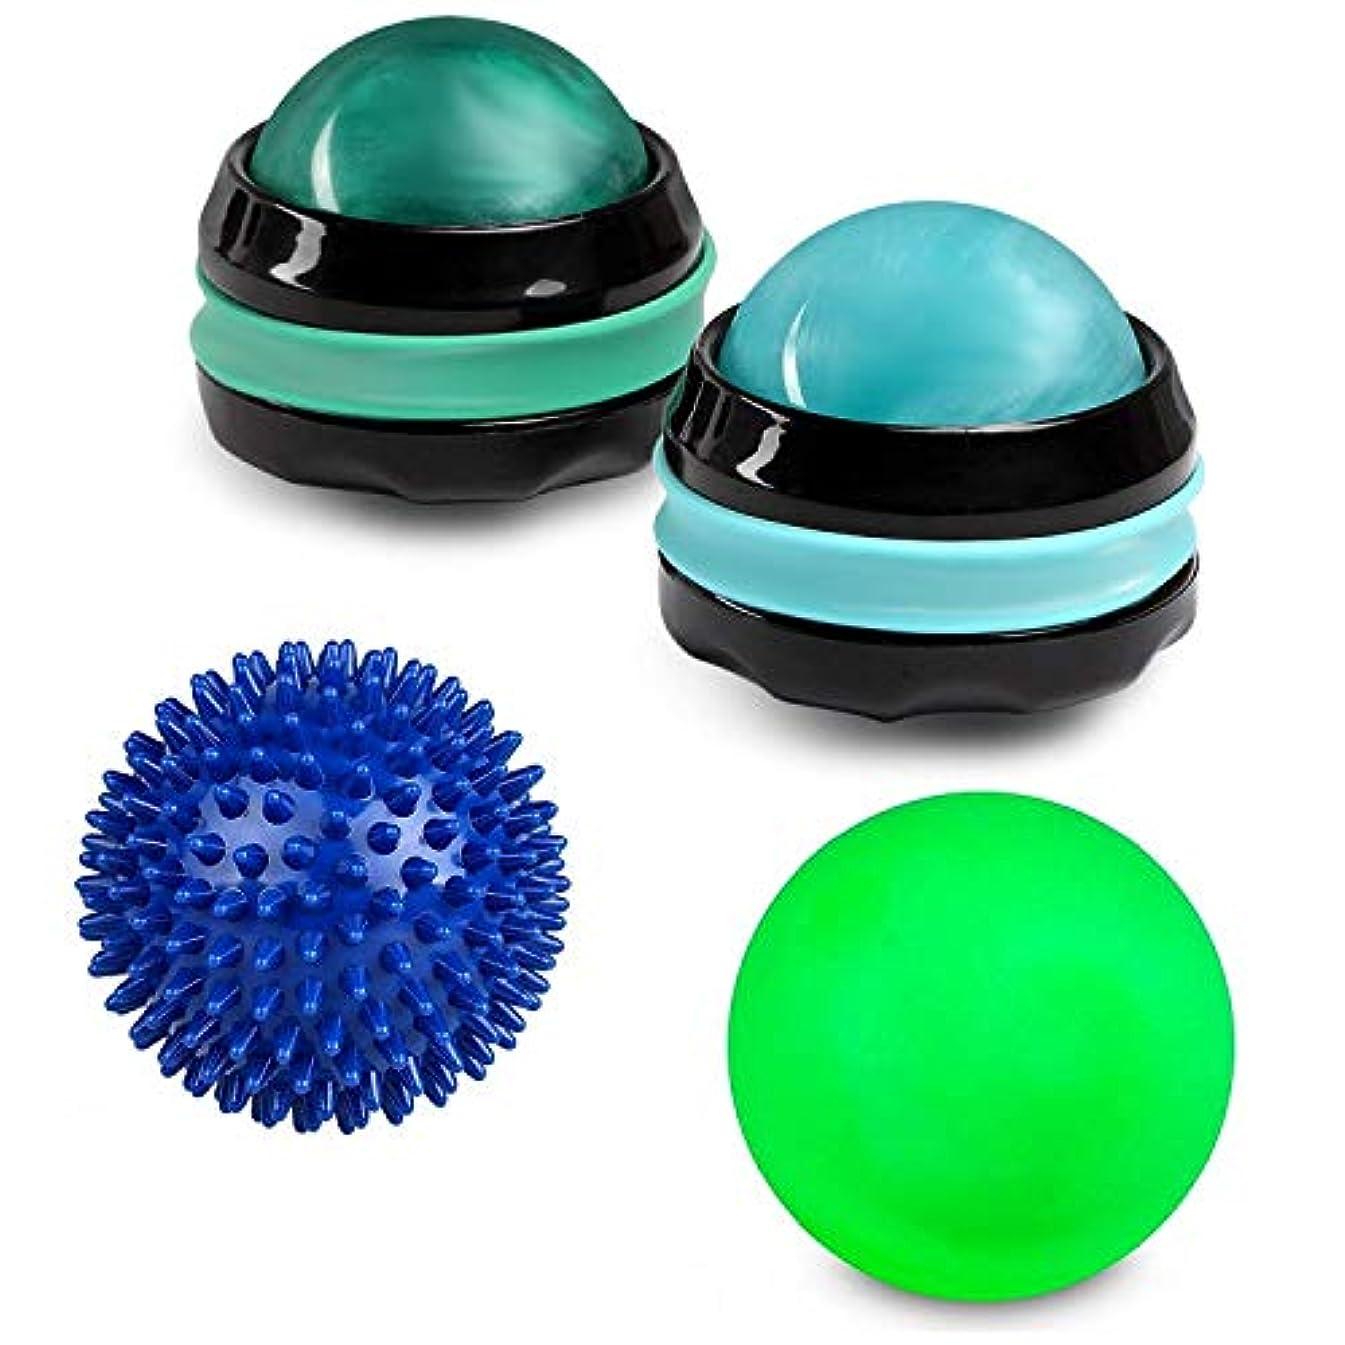 痛みトーナメントこんにちはMassage Ball Set - Foot Body Back Leg Neck Hand Rejuvenation Therapy Roller Massager Therapy (Bundle: 1 Lacrosse...